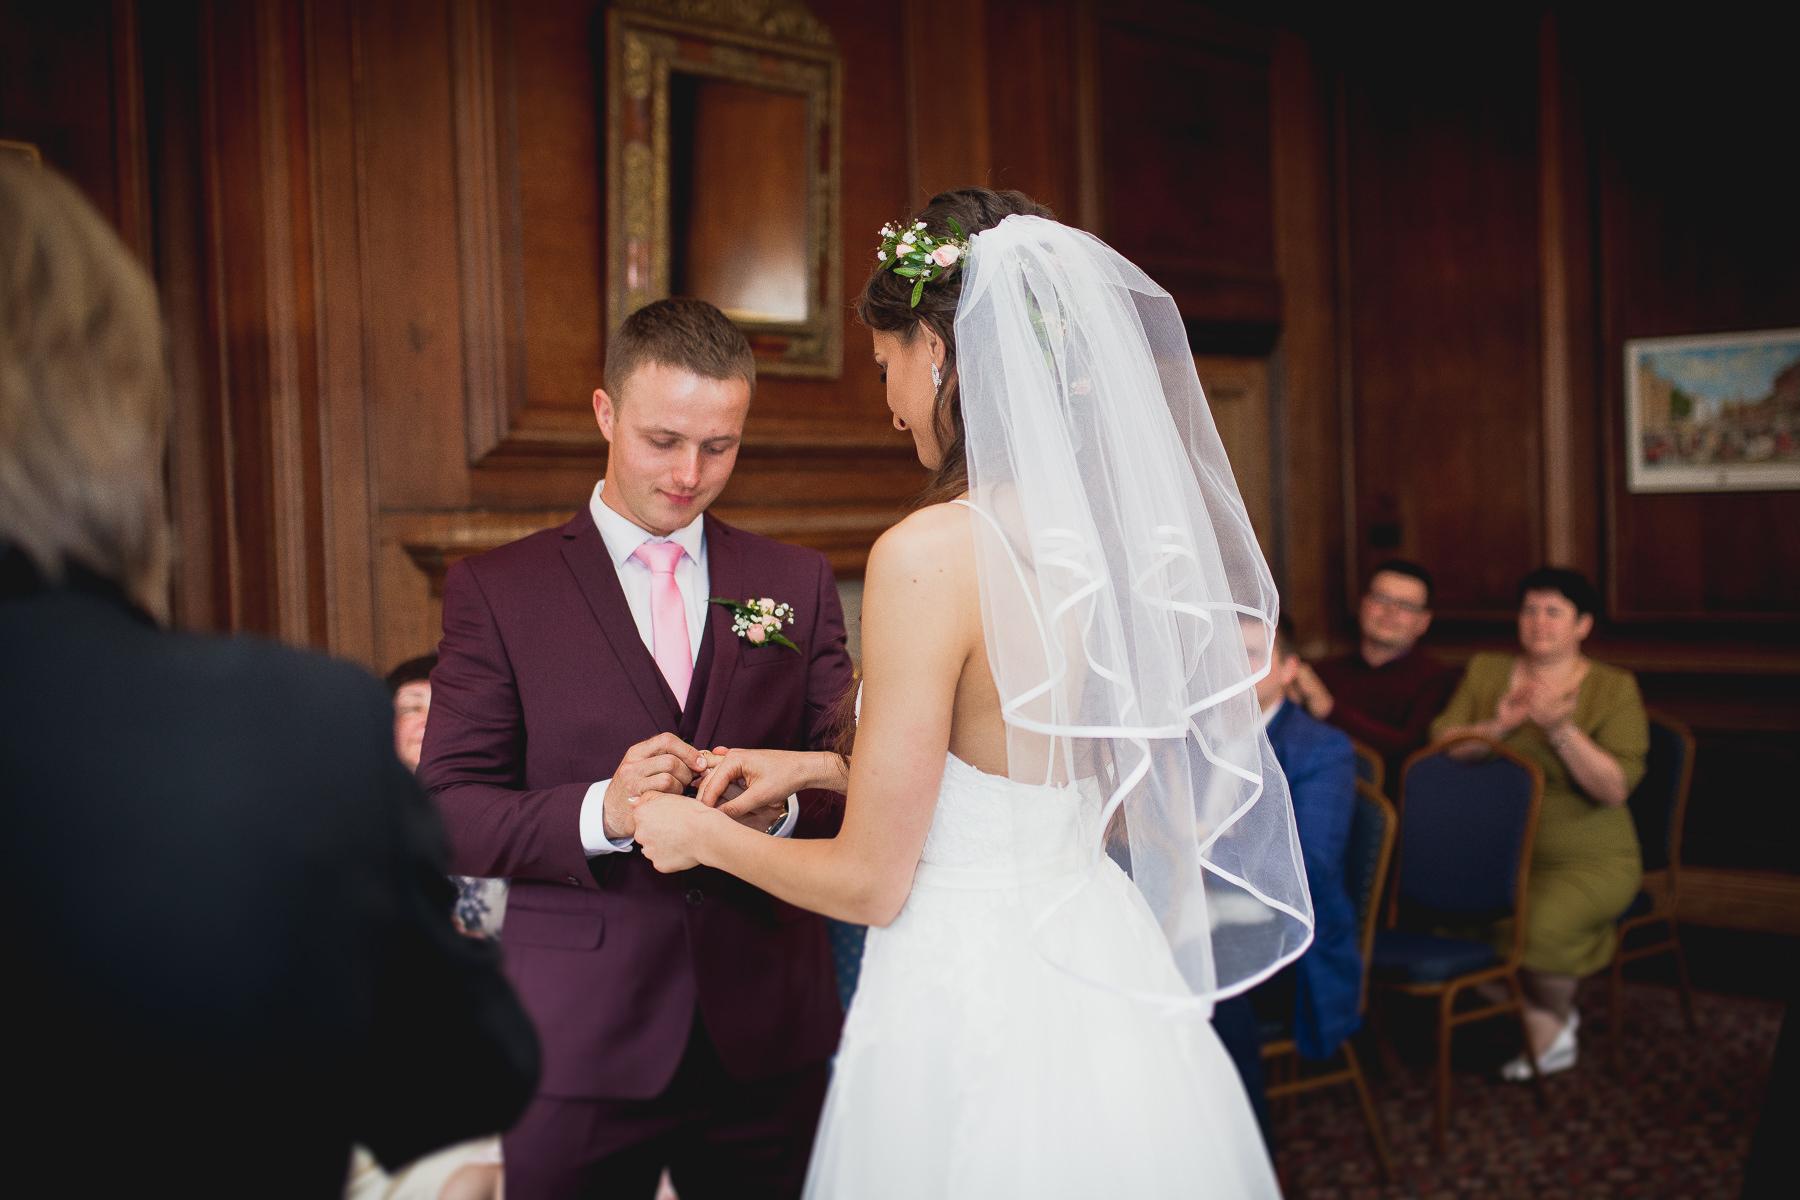 Ring exchange West Sussex Weddings Ieva Vilcinskaite